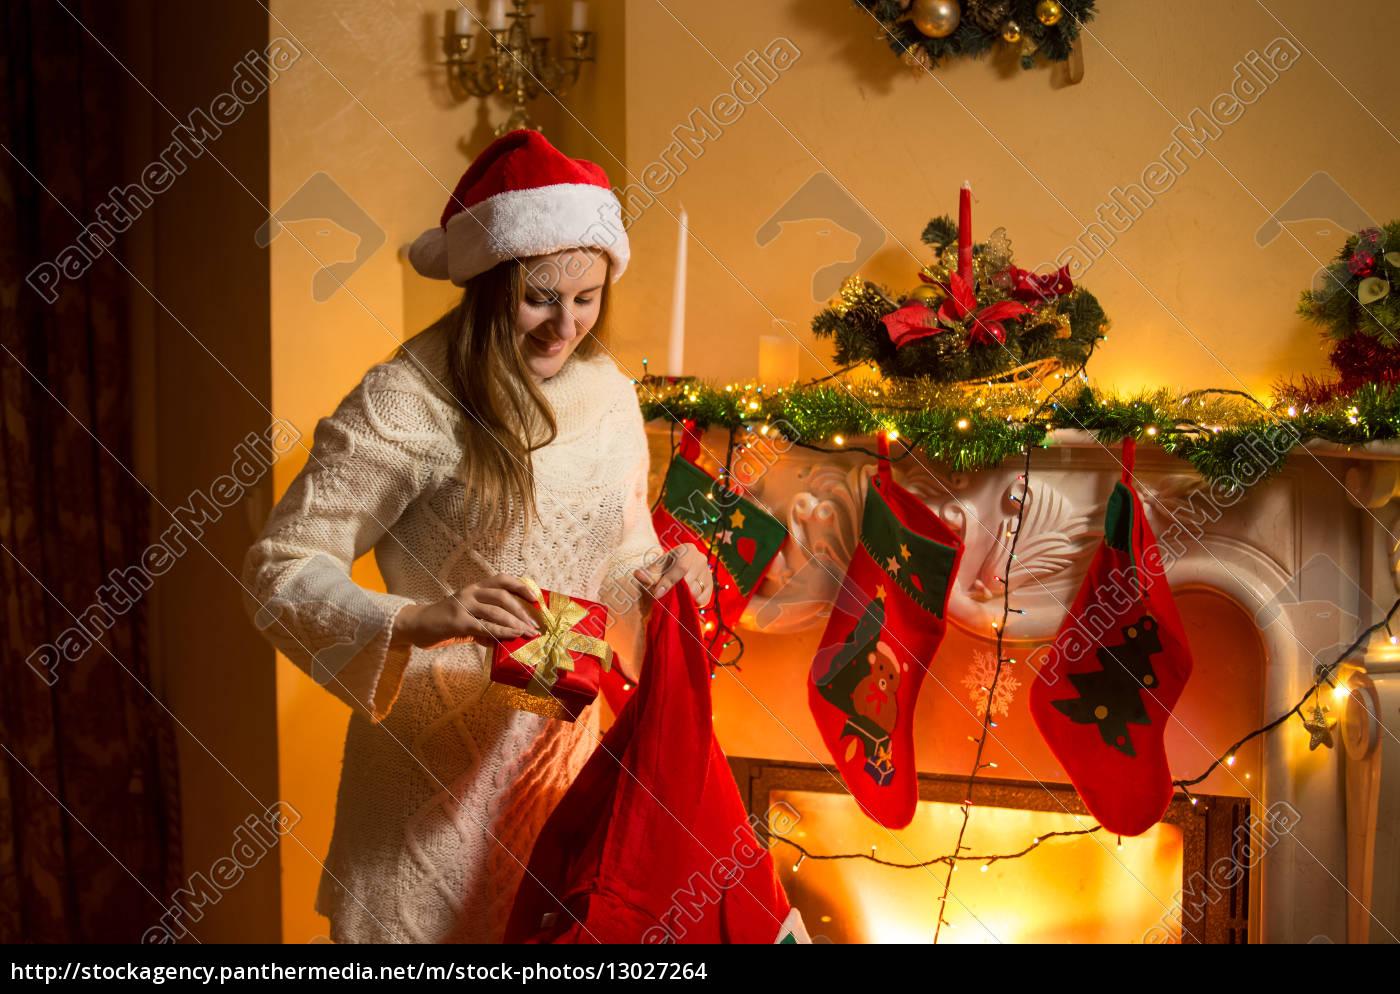 Die Weihnachtsgeschenke.Lizenzfreies Foto 13027264 Junge Mutter Die Weihnachtsgeschenke In Strümpfen Hängen